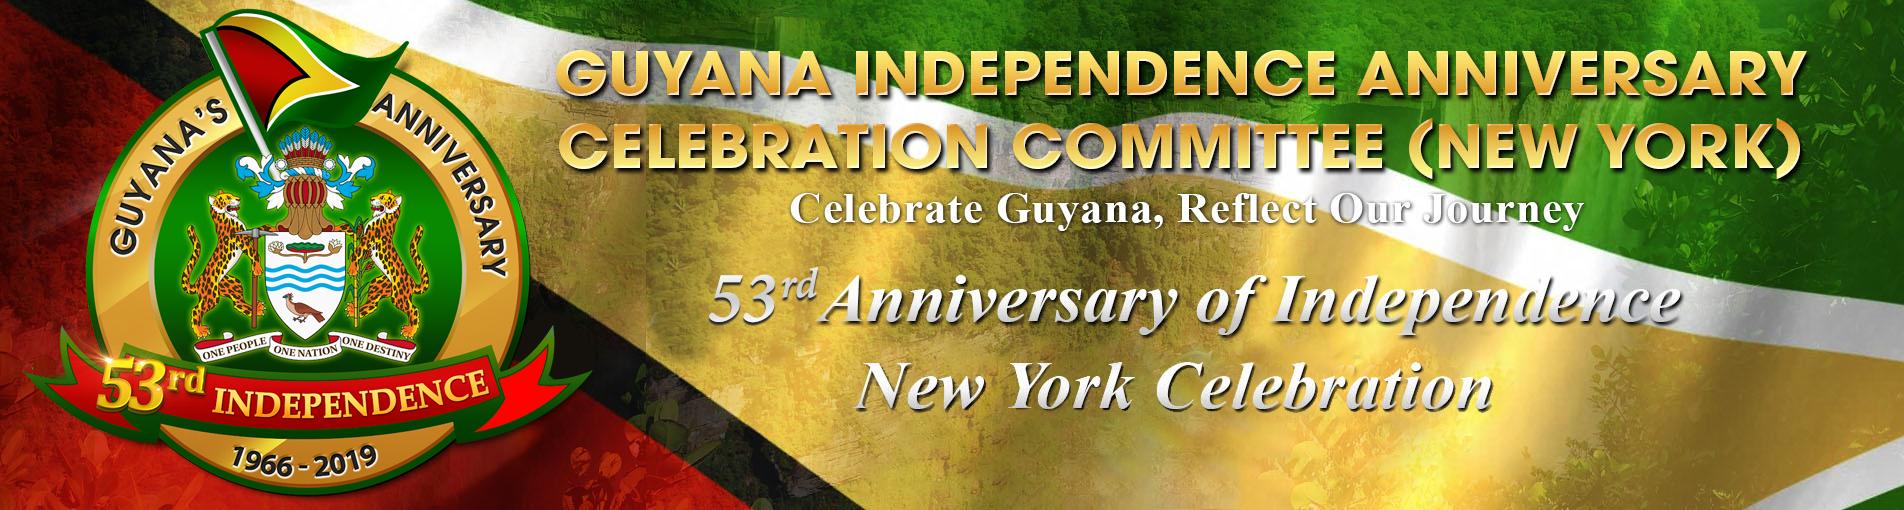 Guyana Anniversary | Guyana's 52nd Independence Anniversary